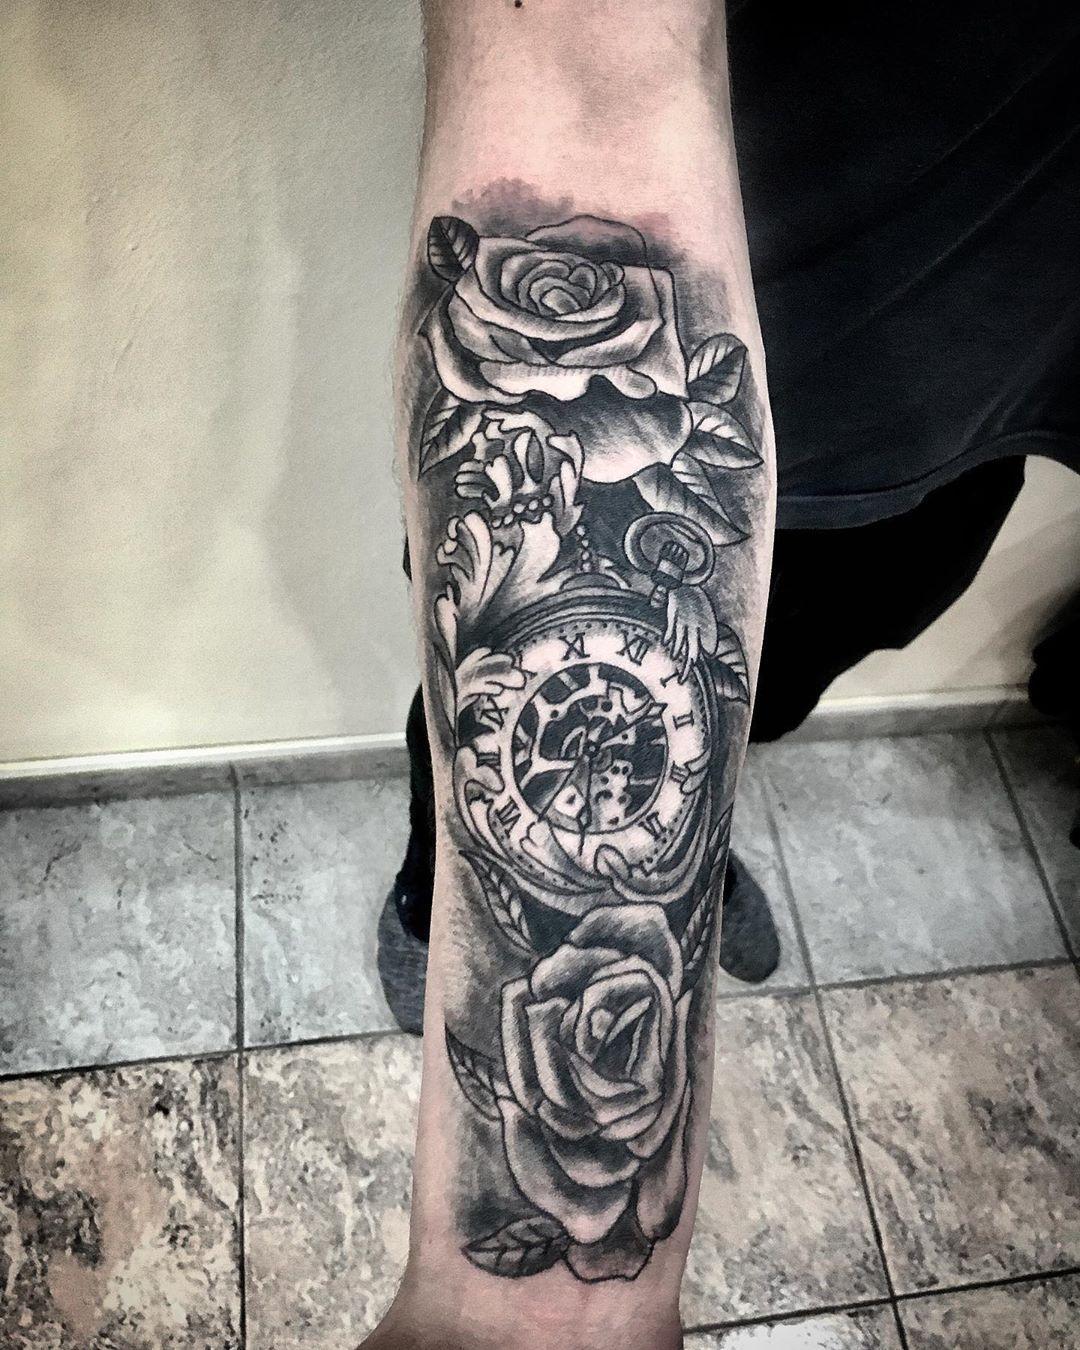 D⚓️W. Merlo. Zona oeste. BsAs. Argentina. .  #tattooart #tattooartwork #tattooartists #tattooartist #blackandgreytattoos #tattooers #tattooer #tattooarm #merlo #merlotattoo #zonaoeste #zonaoestetattoo #bsas #bsastattoo #argentina #argentinatattoo